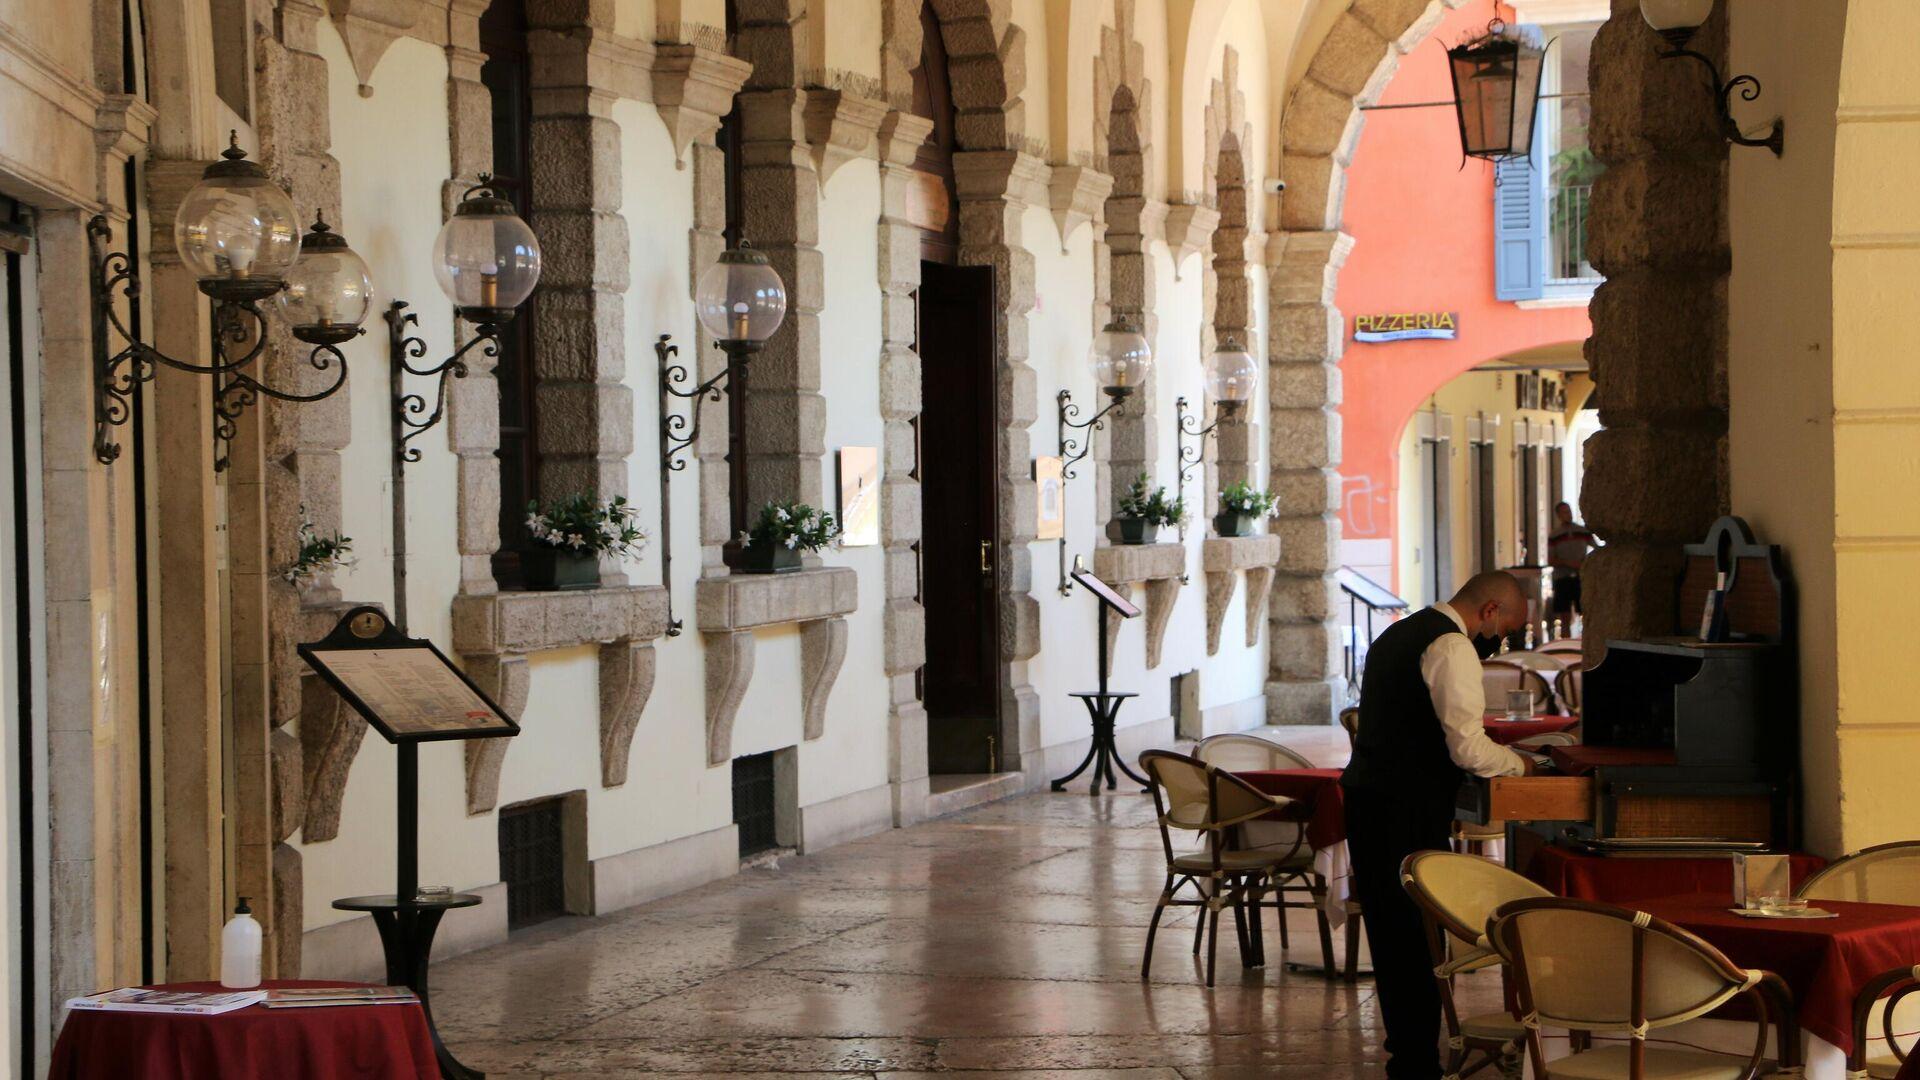 Un ristorante vuoto a Milano - Sputnik Italia, 1920, 08.08.2021